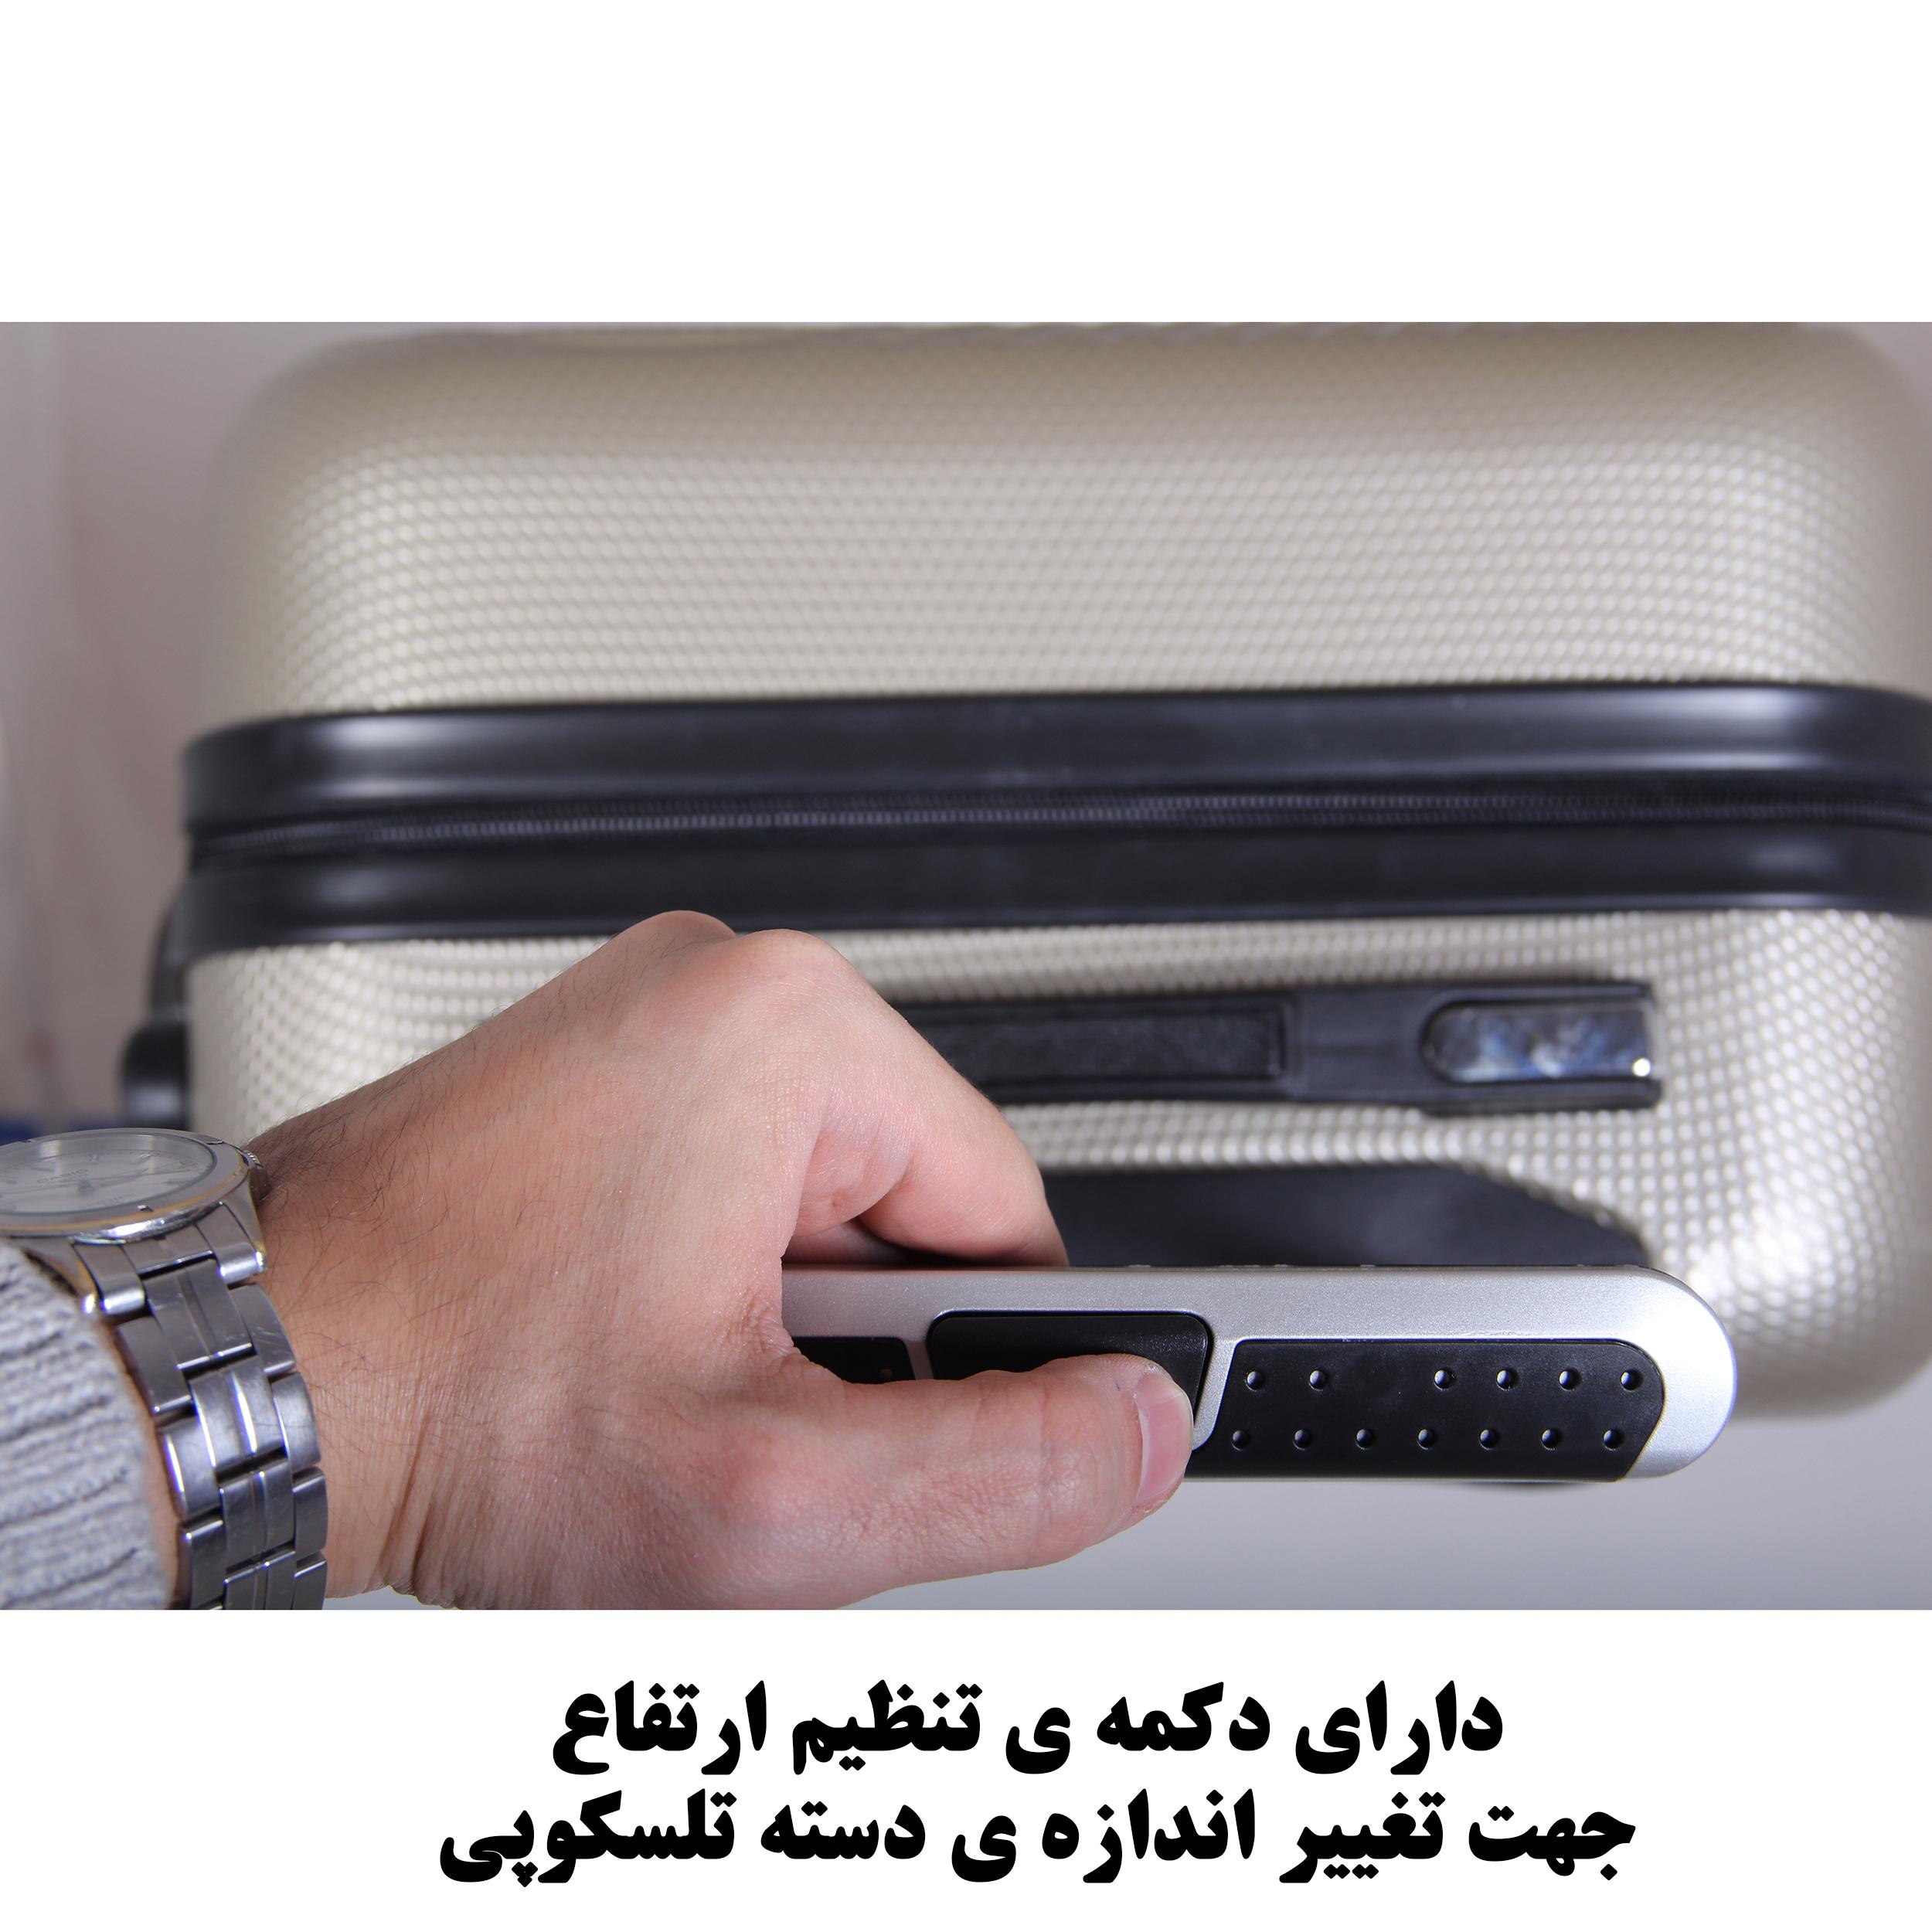 مجموعه چهار عددی چمدان اسپرت من مدل NS001 main 1 26